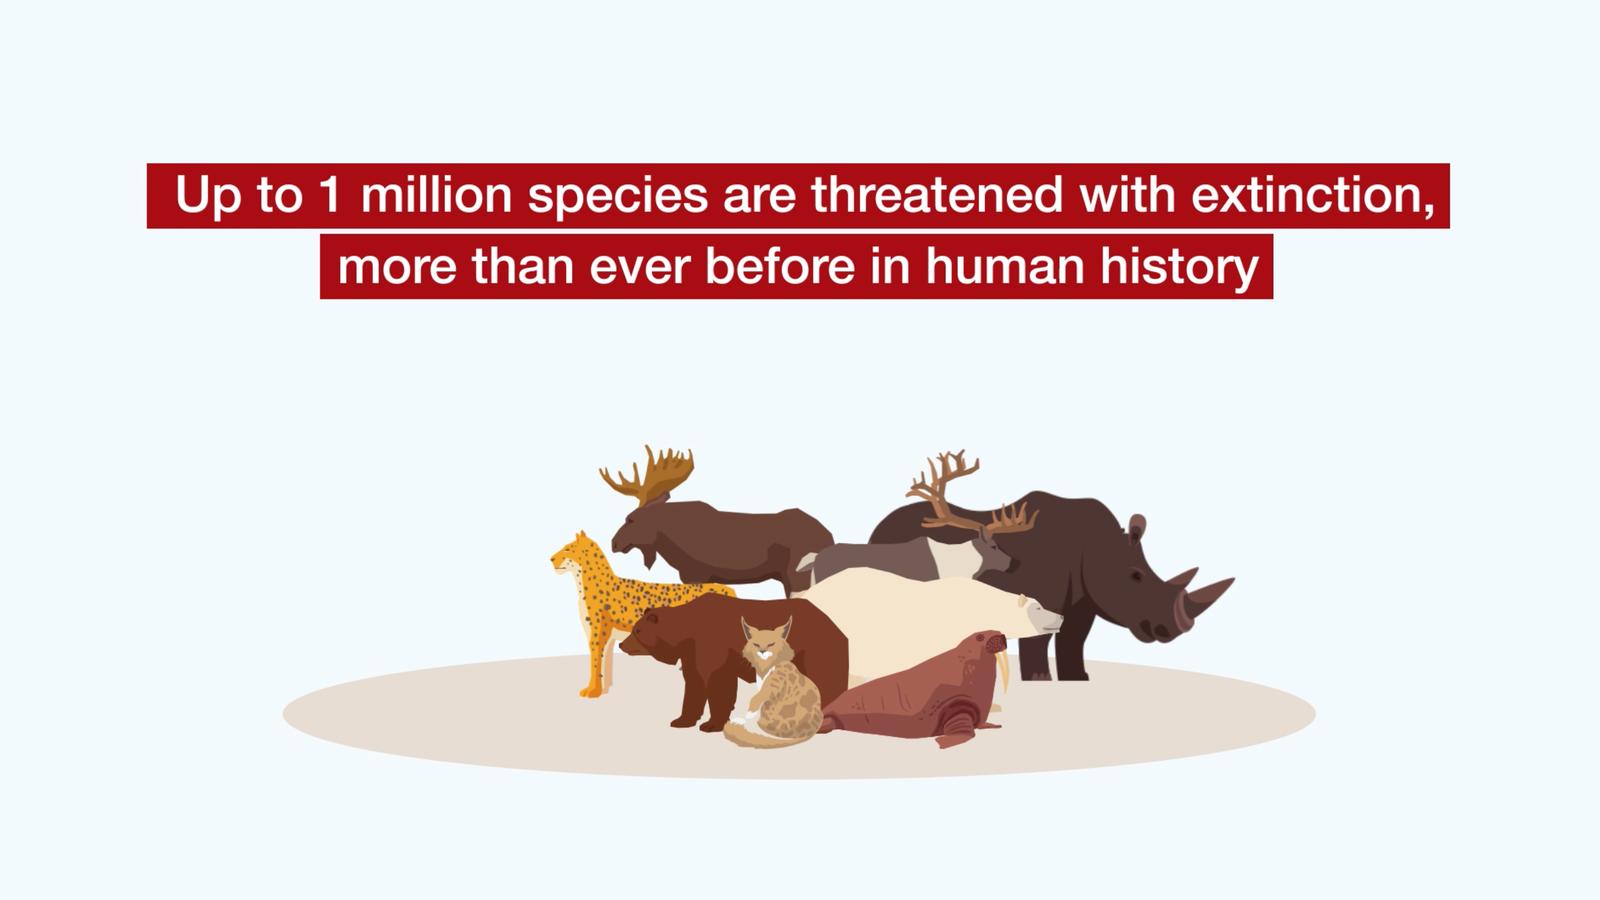 Avaluació Global de la Biodiversitat. Animació de l'IPBES: espècies amenaçades.